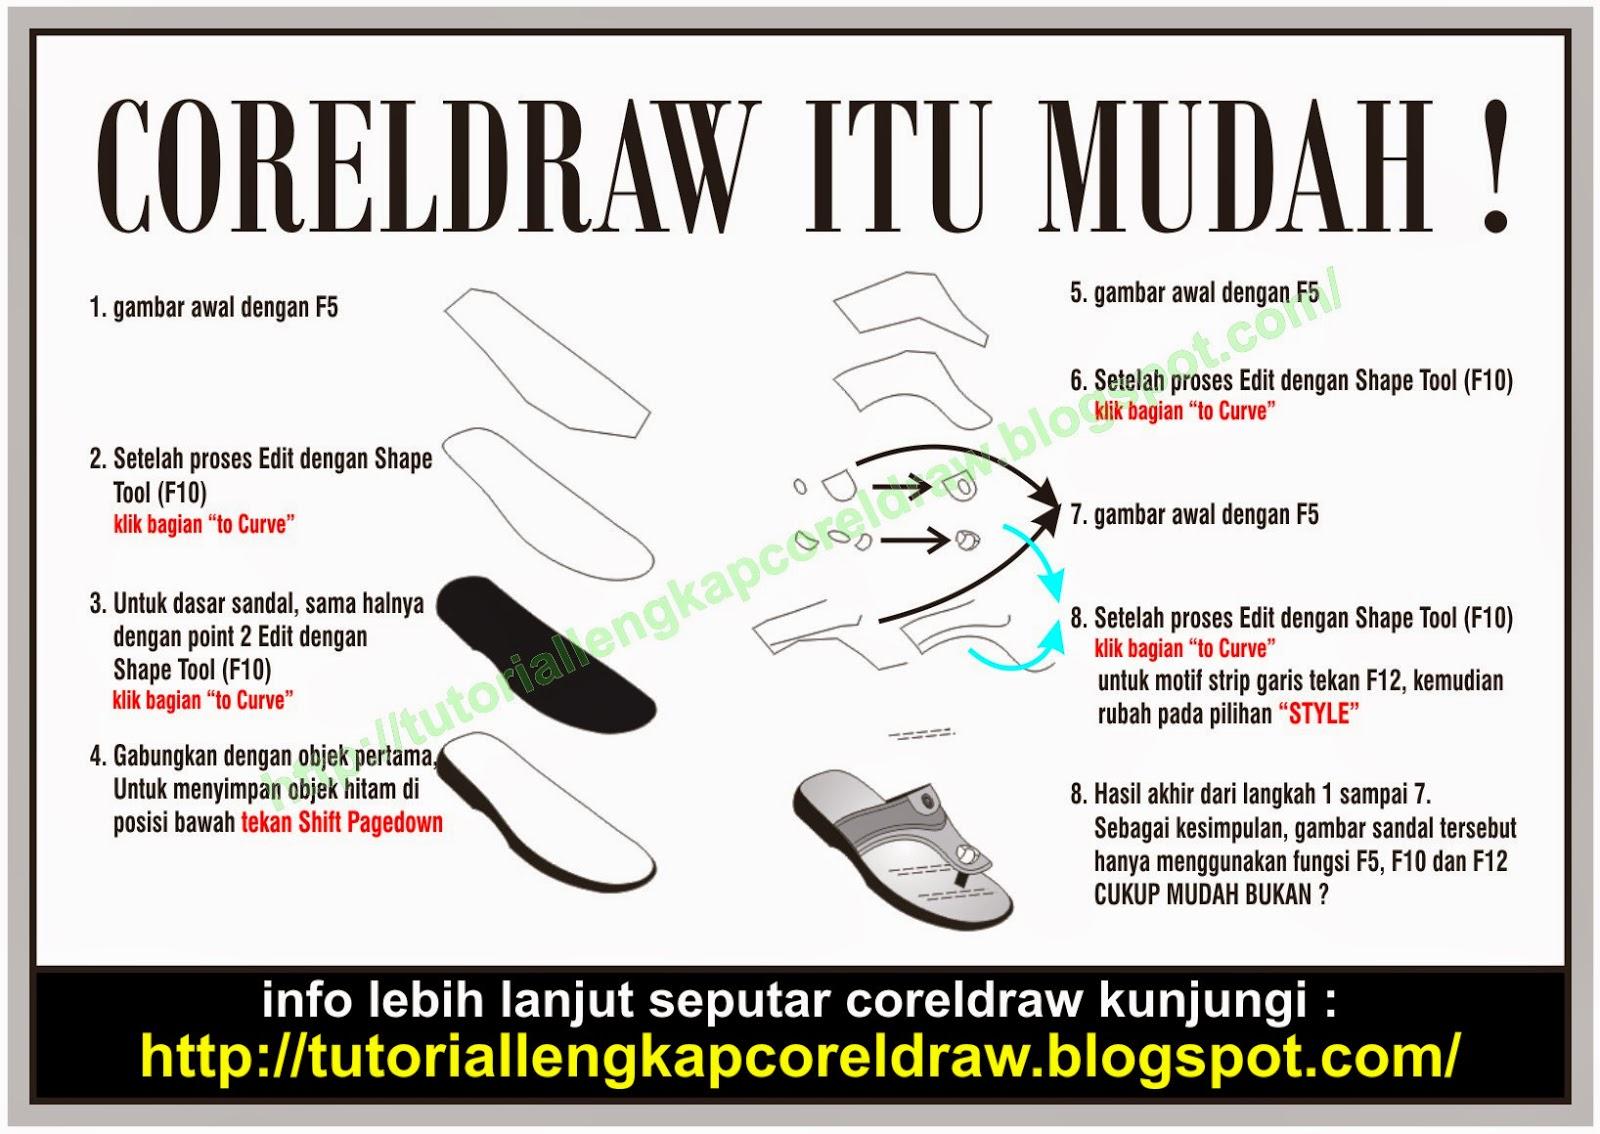 tutorial corel draw, http://tutoriallengkapcoreldraw.blogspot.com/